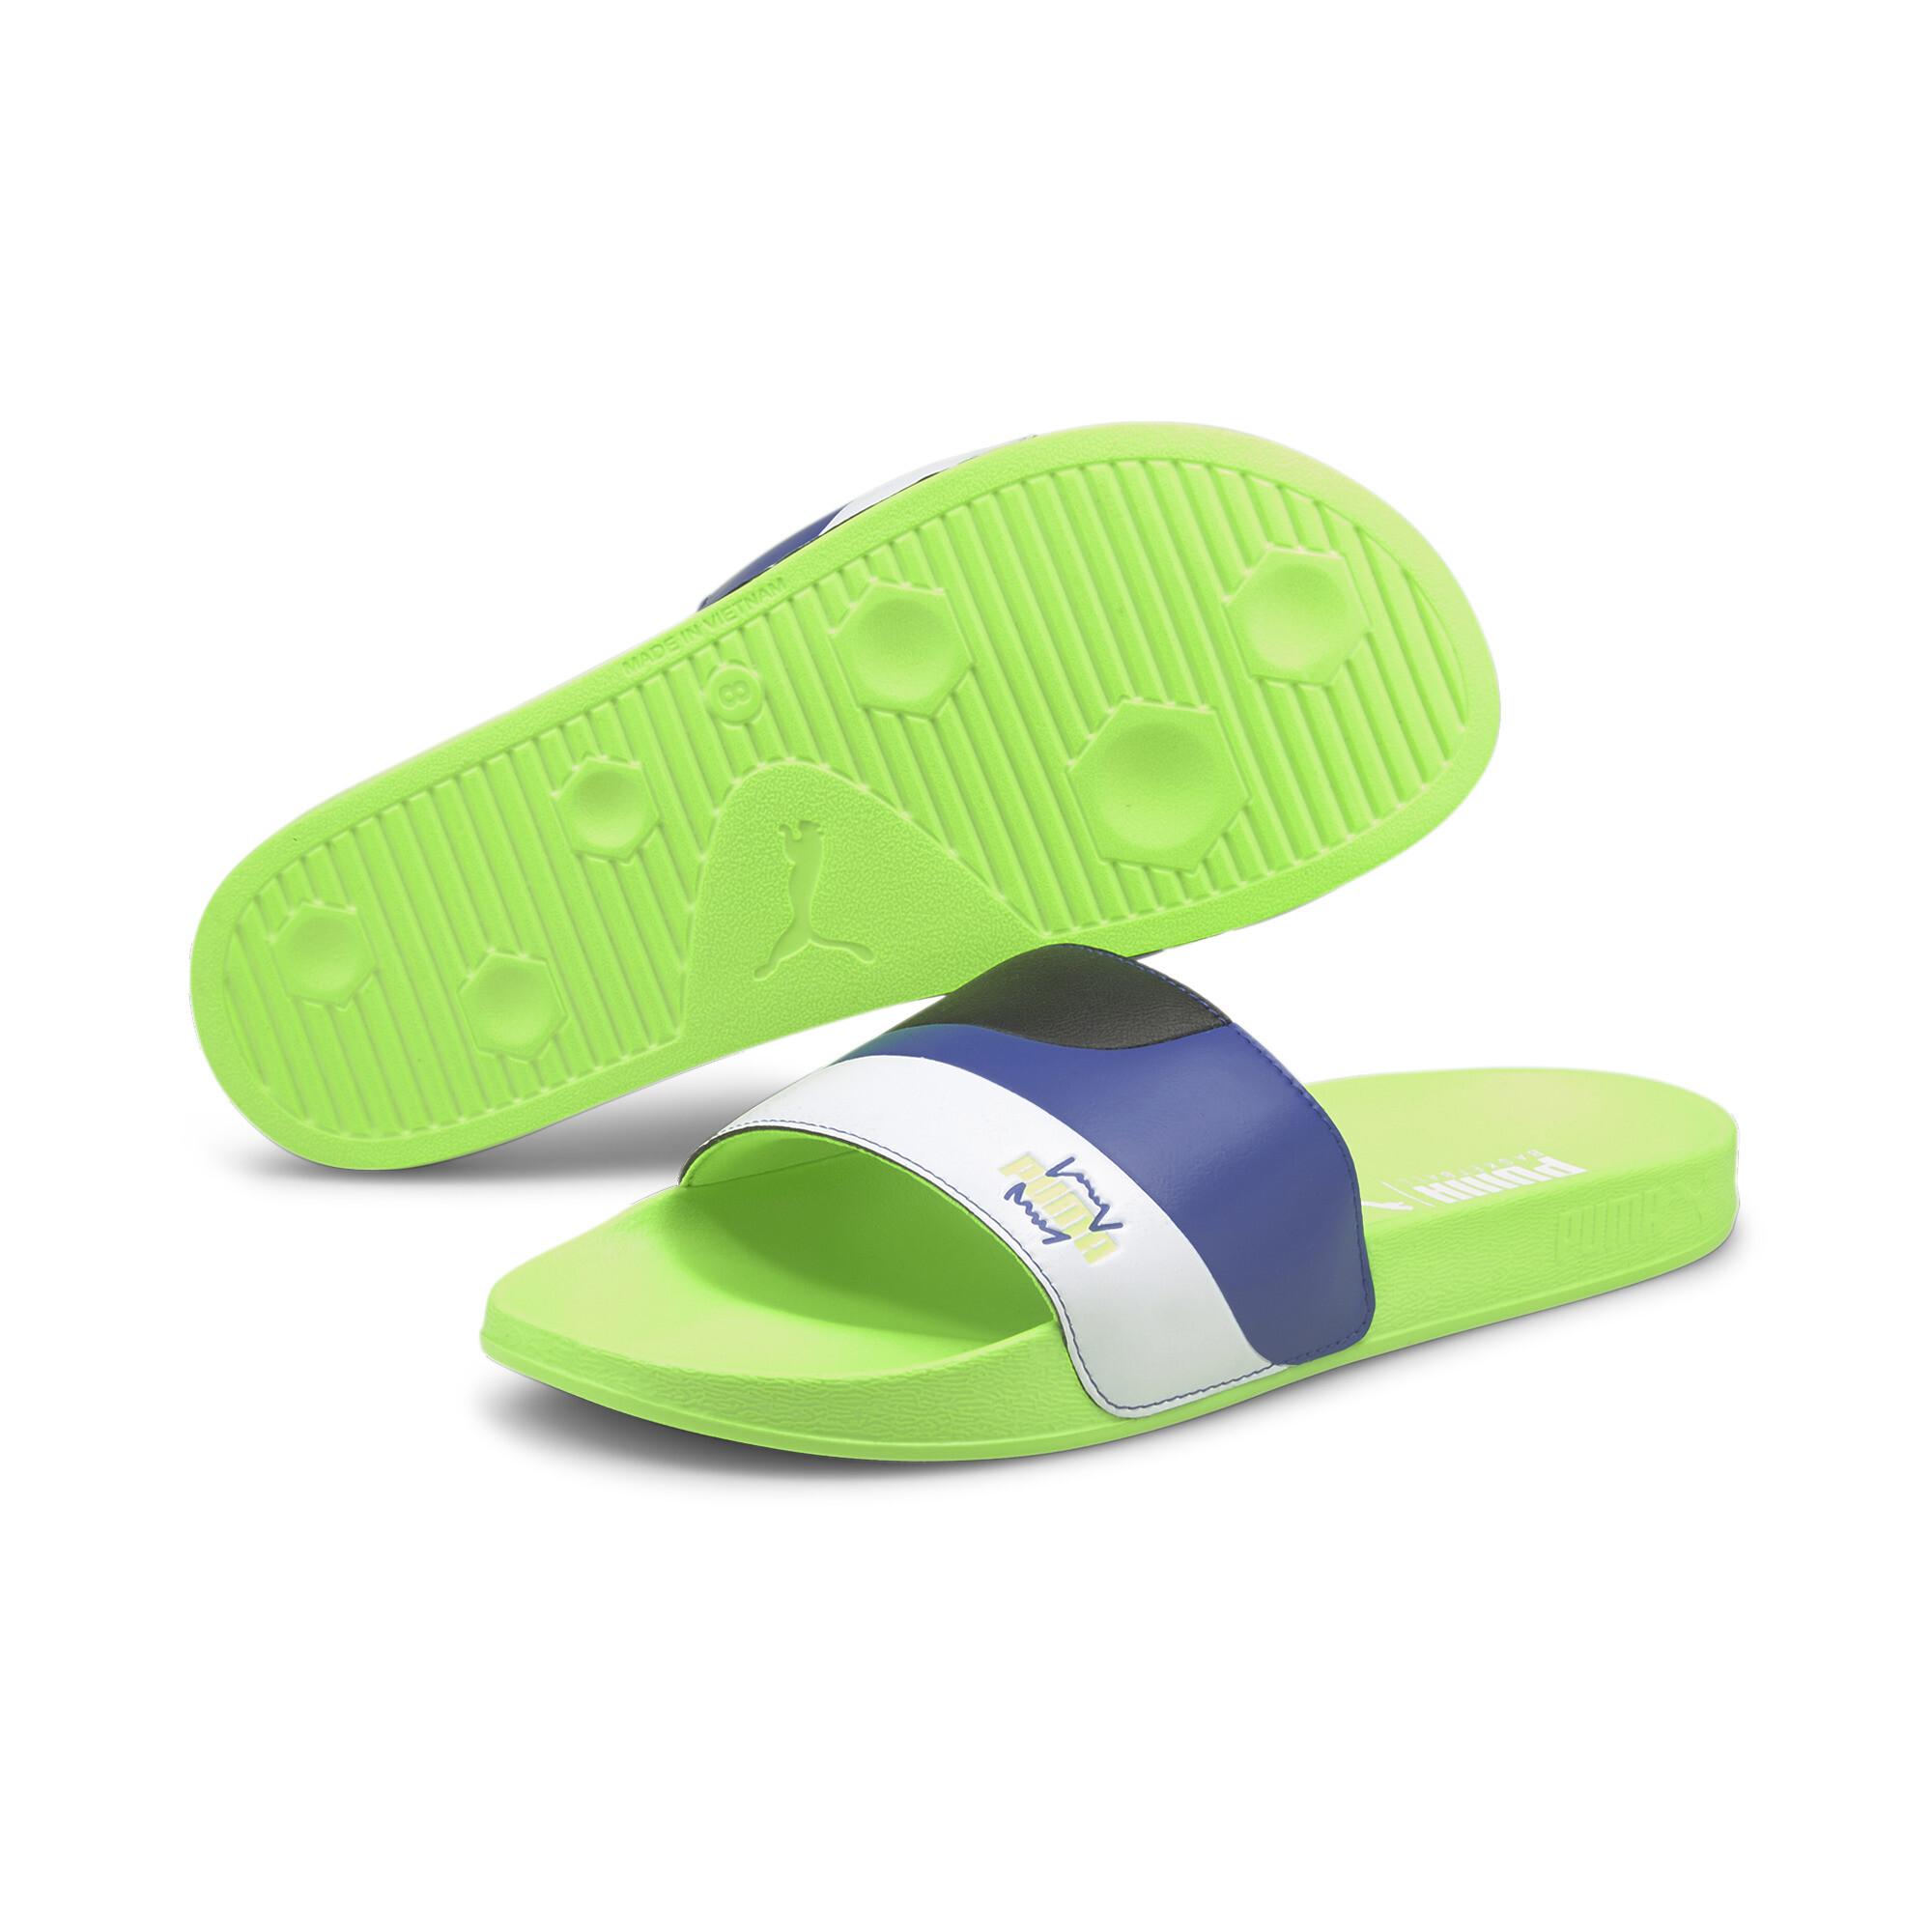 【プーマ公式通販】 プーマ リードキャット FTR BB サンダル ユニセックス ユニセックス Green Glare-Surf The Web |PUMA.com